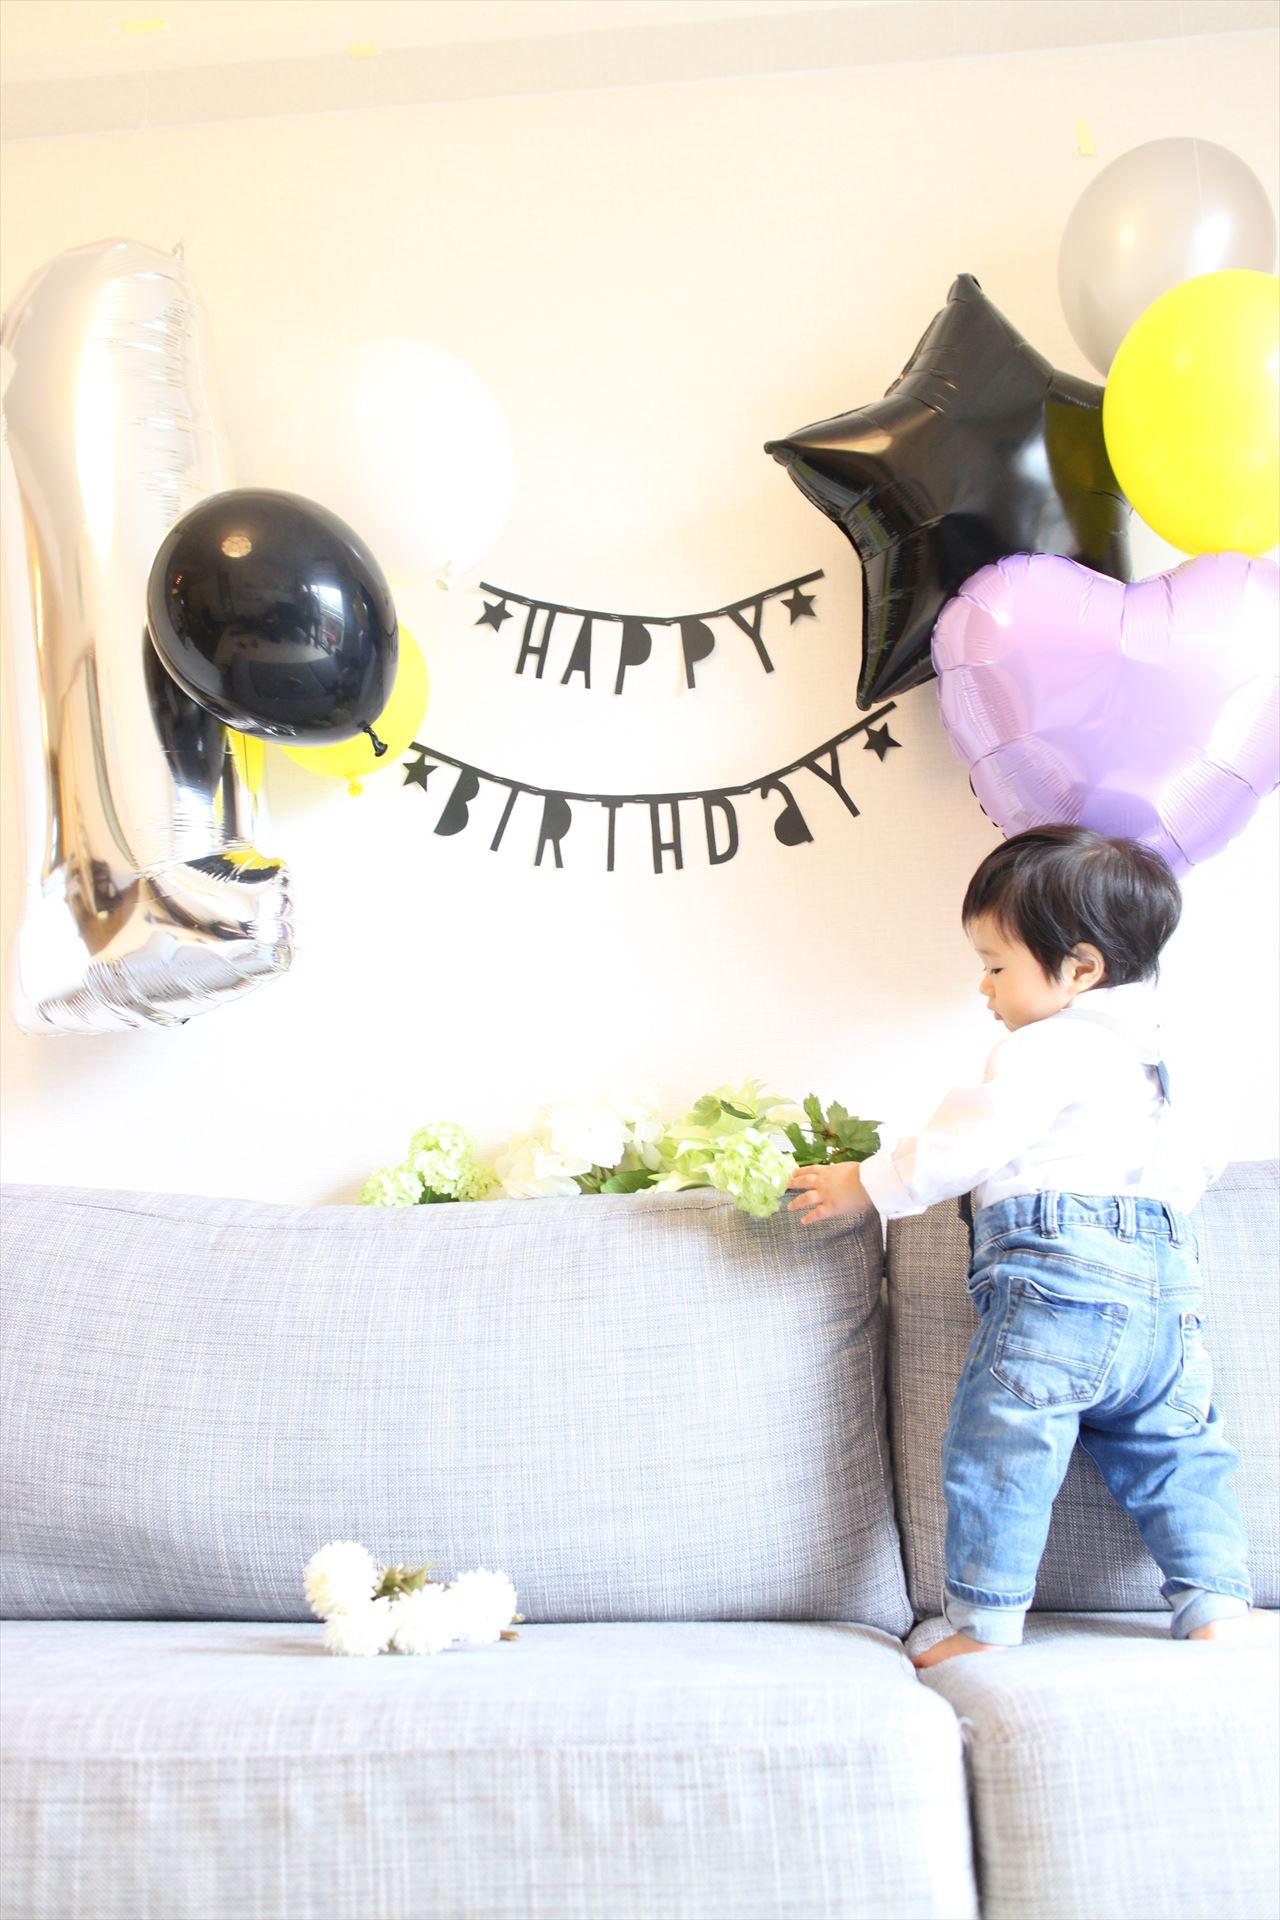 1才誕生パーティーのデコレーション♡男の子向けに海外風な系飾り付け!